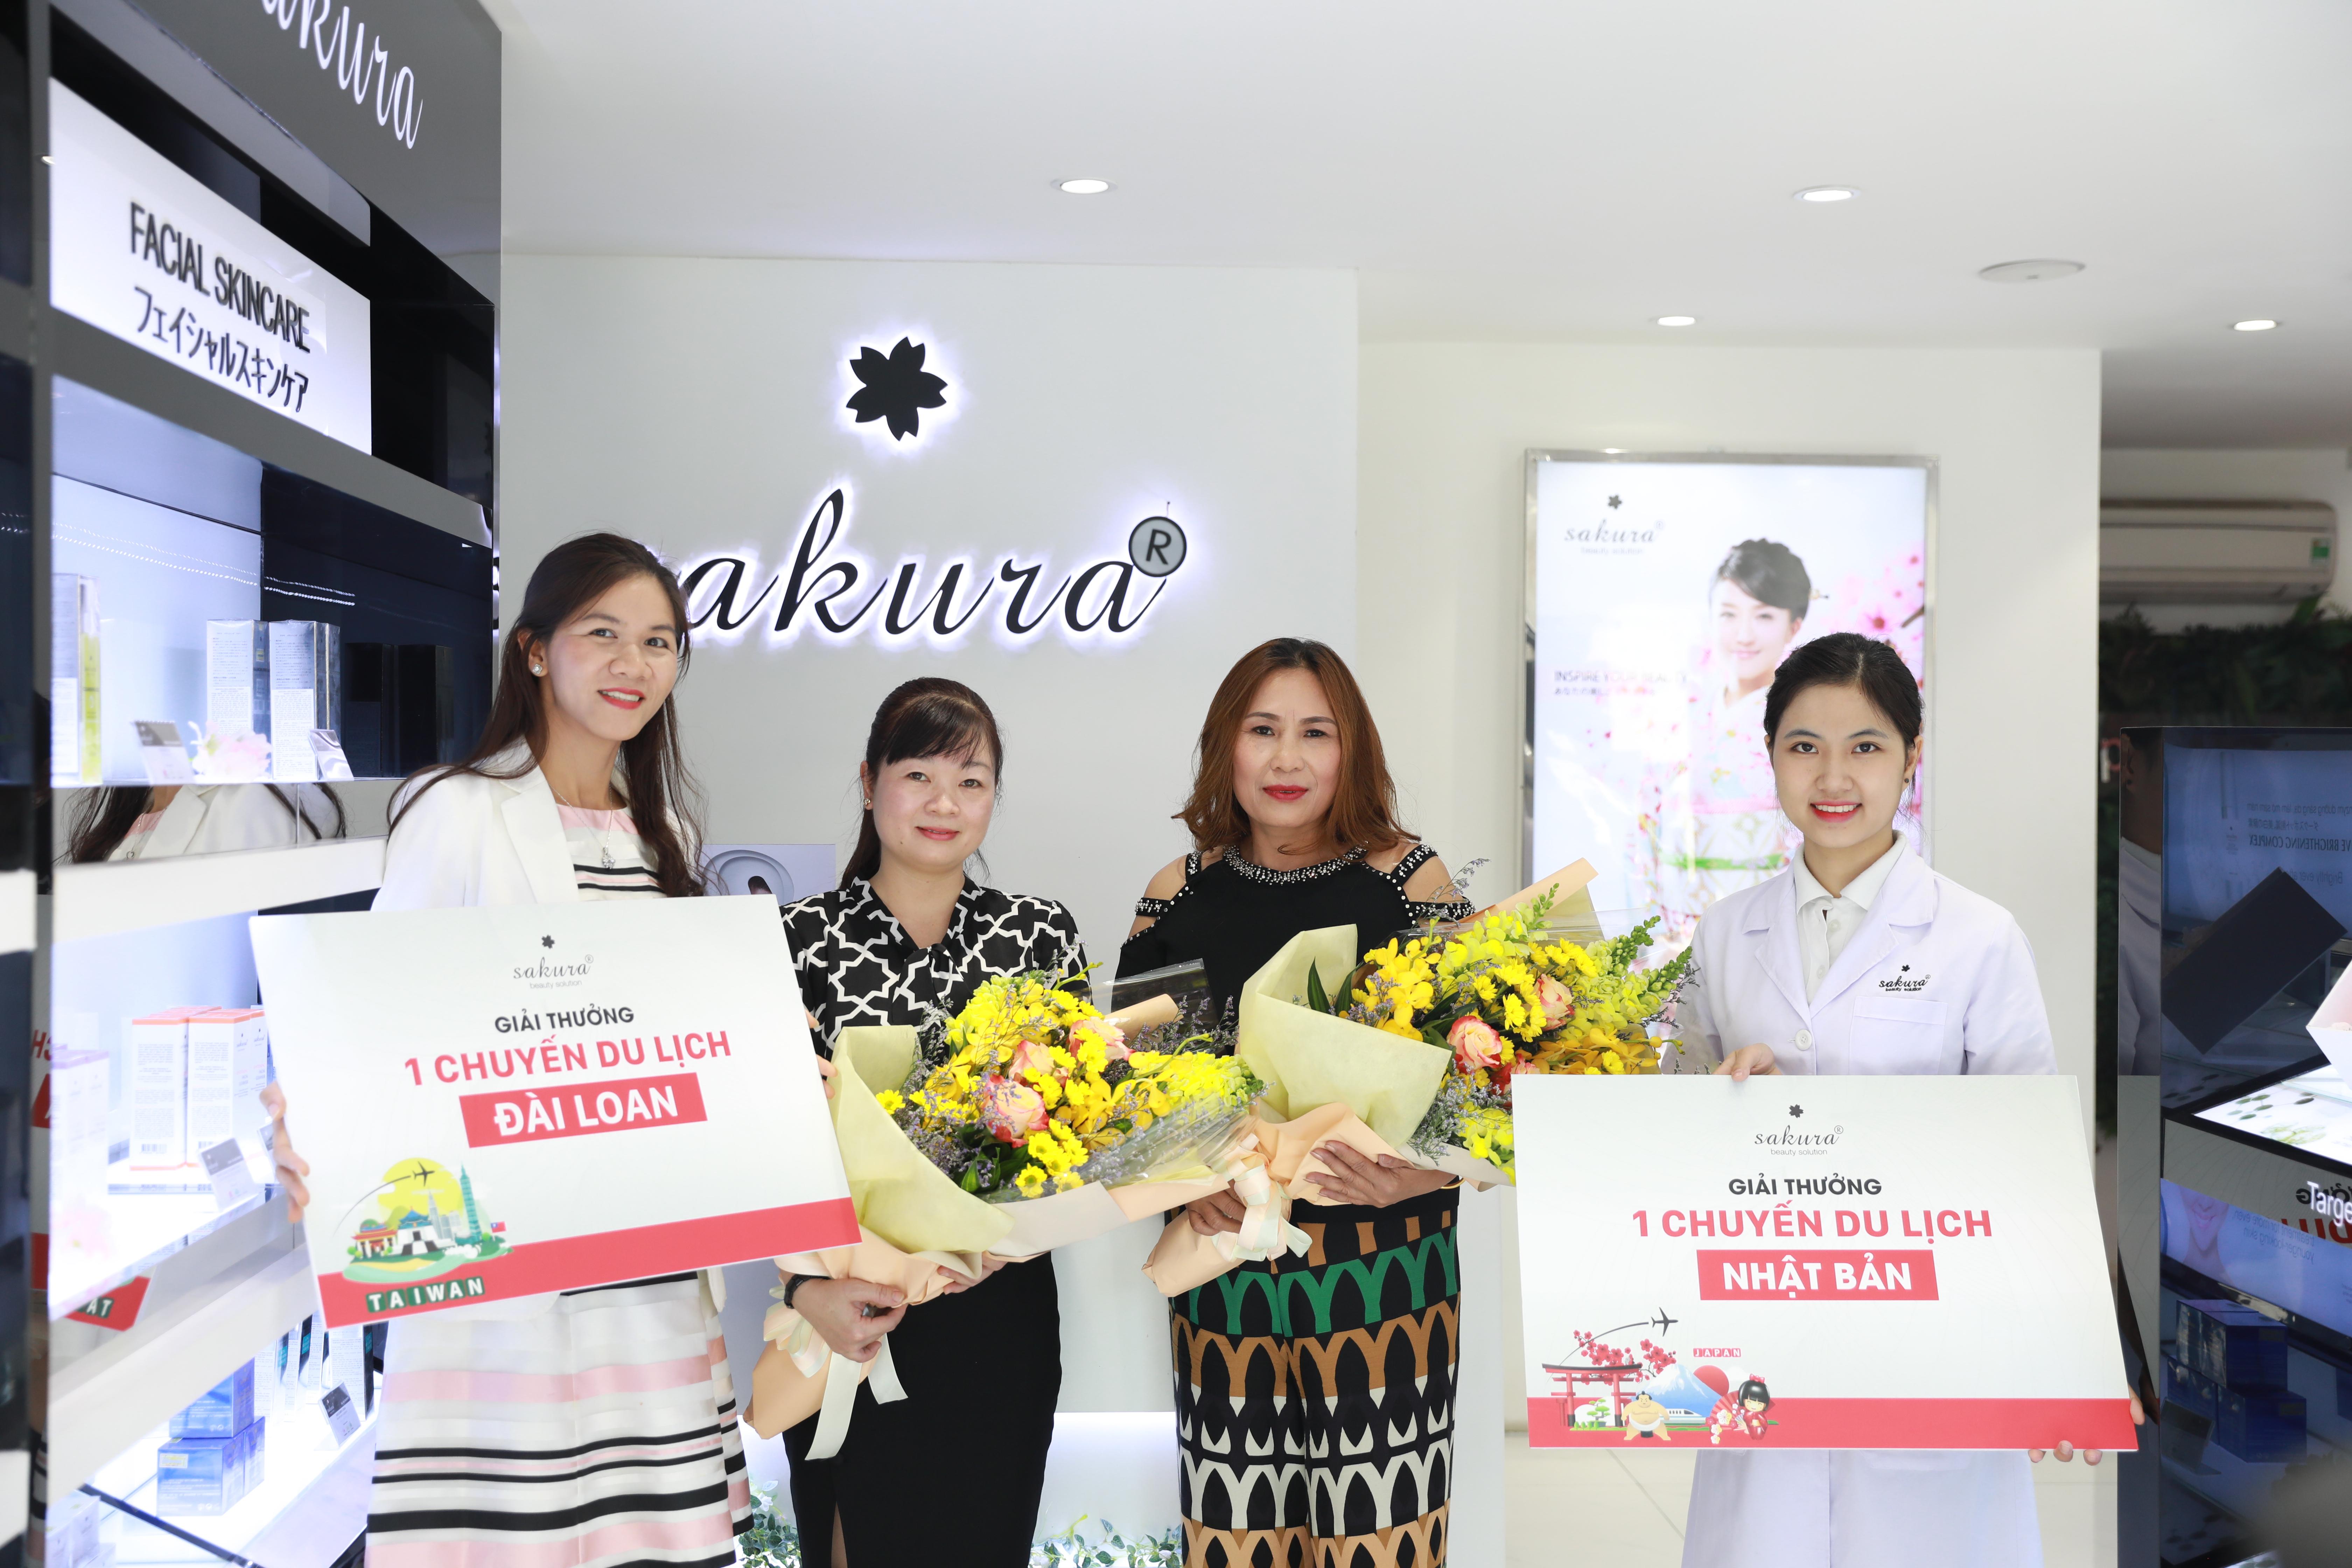 Lộ diện chủ nhân may mắn của 5 chuyến du lịch châu Á - Sakura Passport Rewards